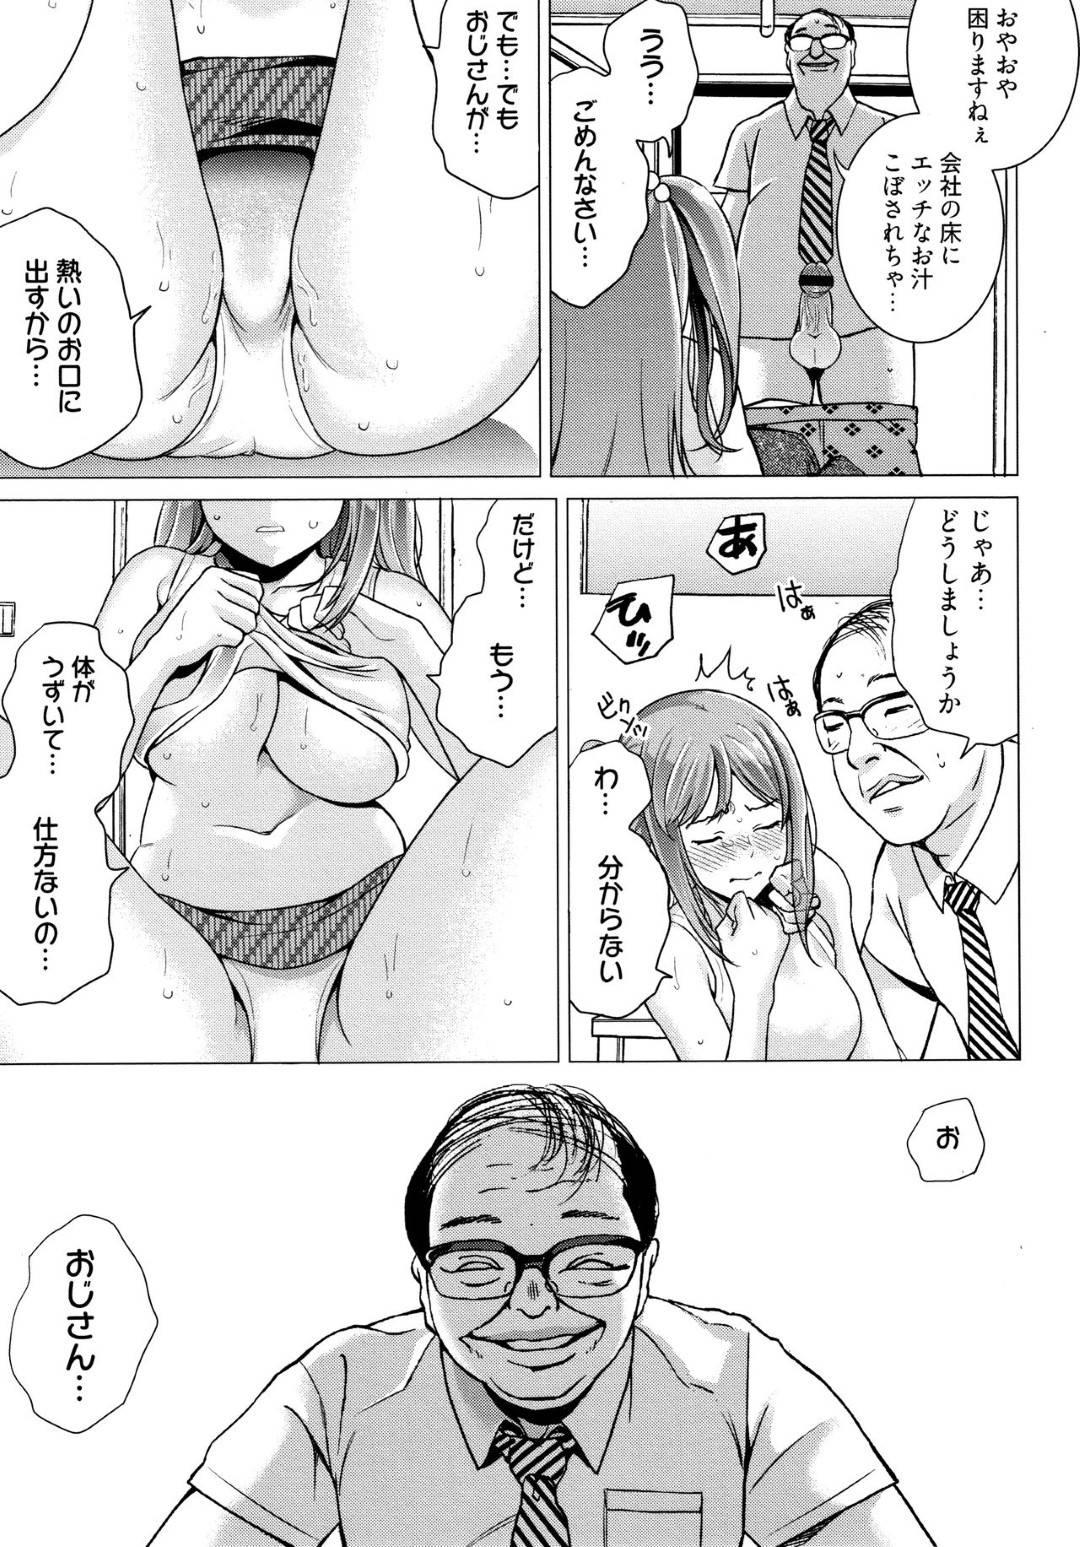 【エロ漫画】キモ男に突然家へと押し入られた巨乳JK…彼は彼女に儀式と称してチンポをしゃぶらせたり、ディープキスしたりとエッチな事をする。さらには強引に正常位やバックでチンポを生挿入されて不覚にもアクメ絶頂しまくる。【IRIE:イビツヘンアイ 第五話】